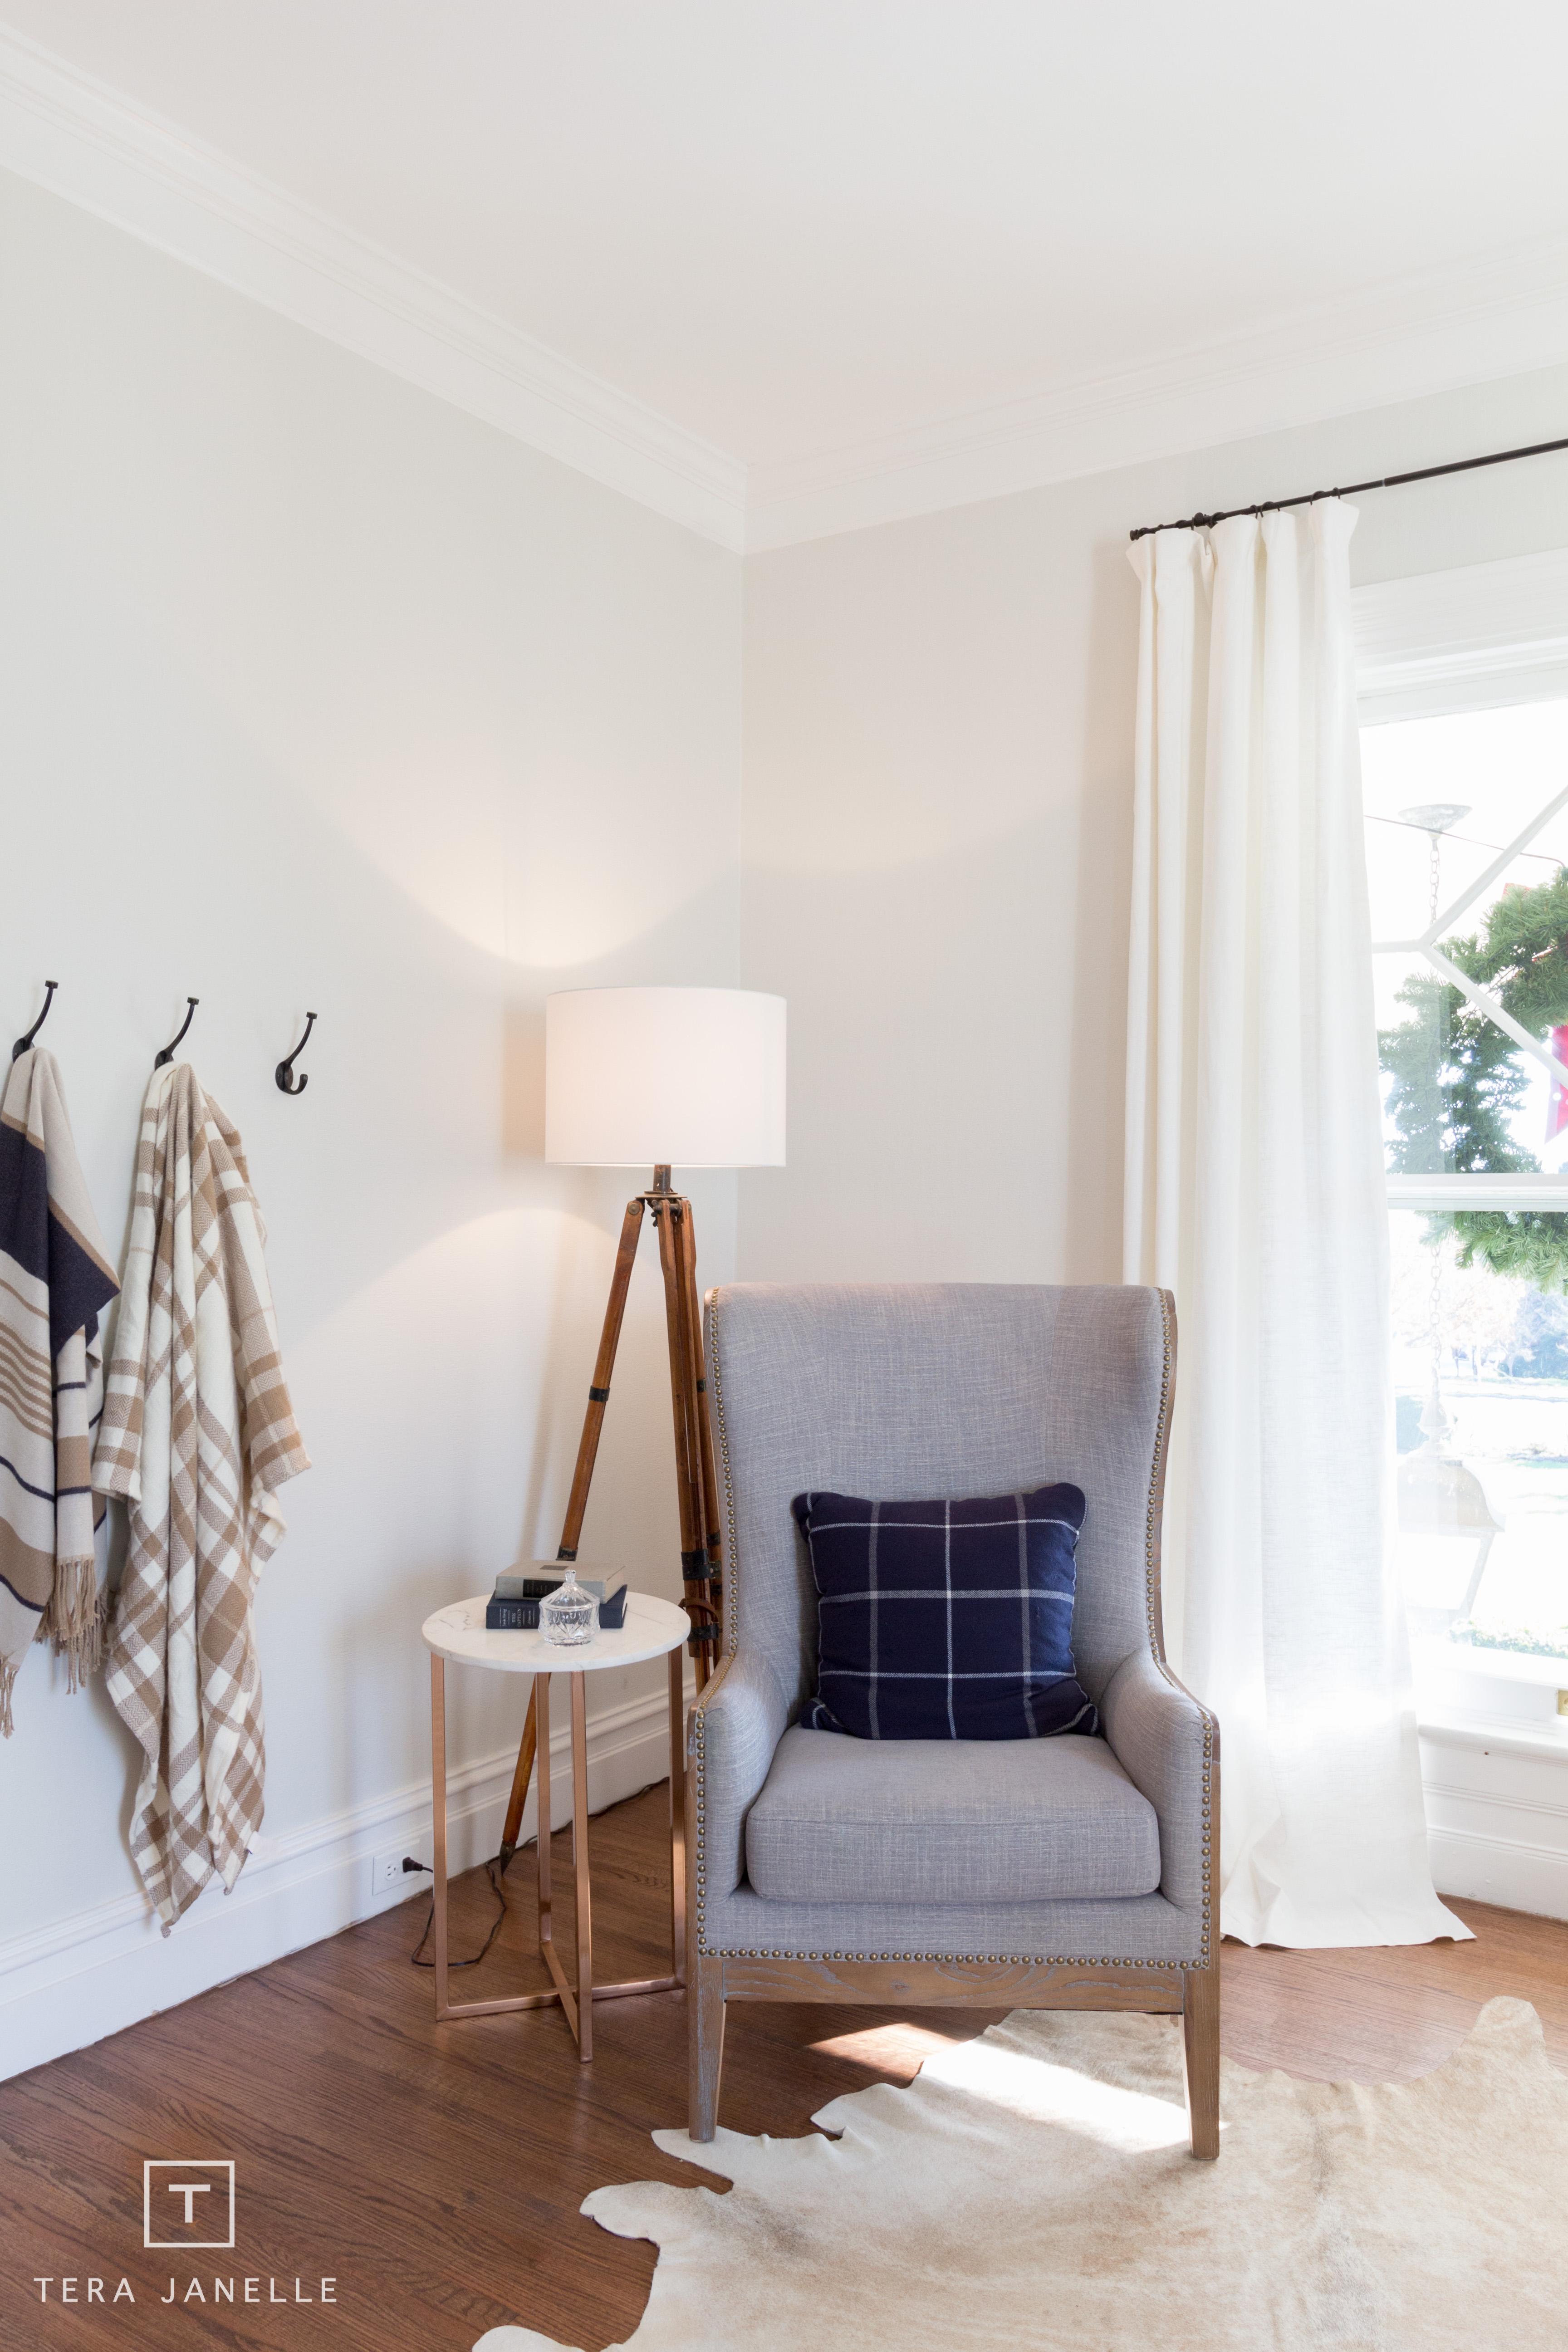 Tera Janelle - Right Bedroom-4.jpg